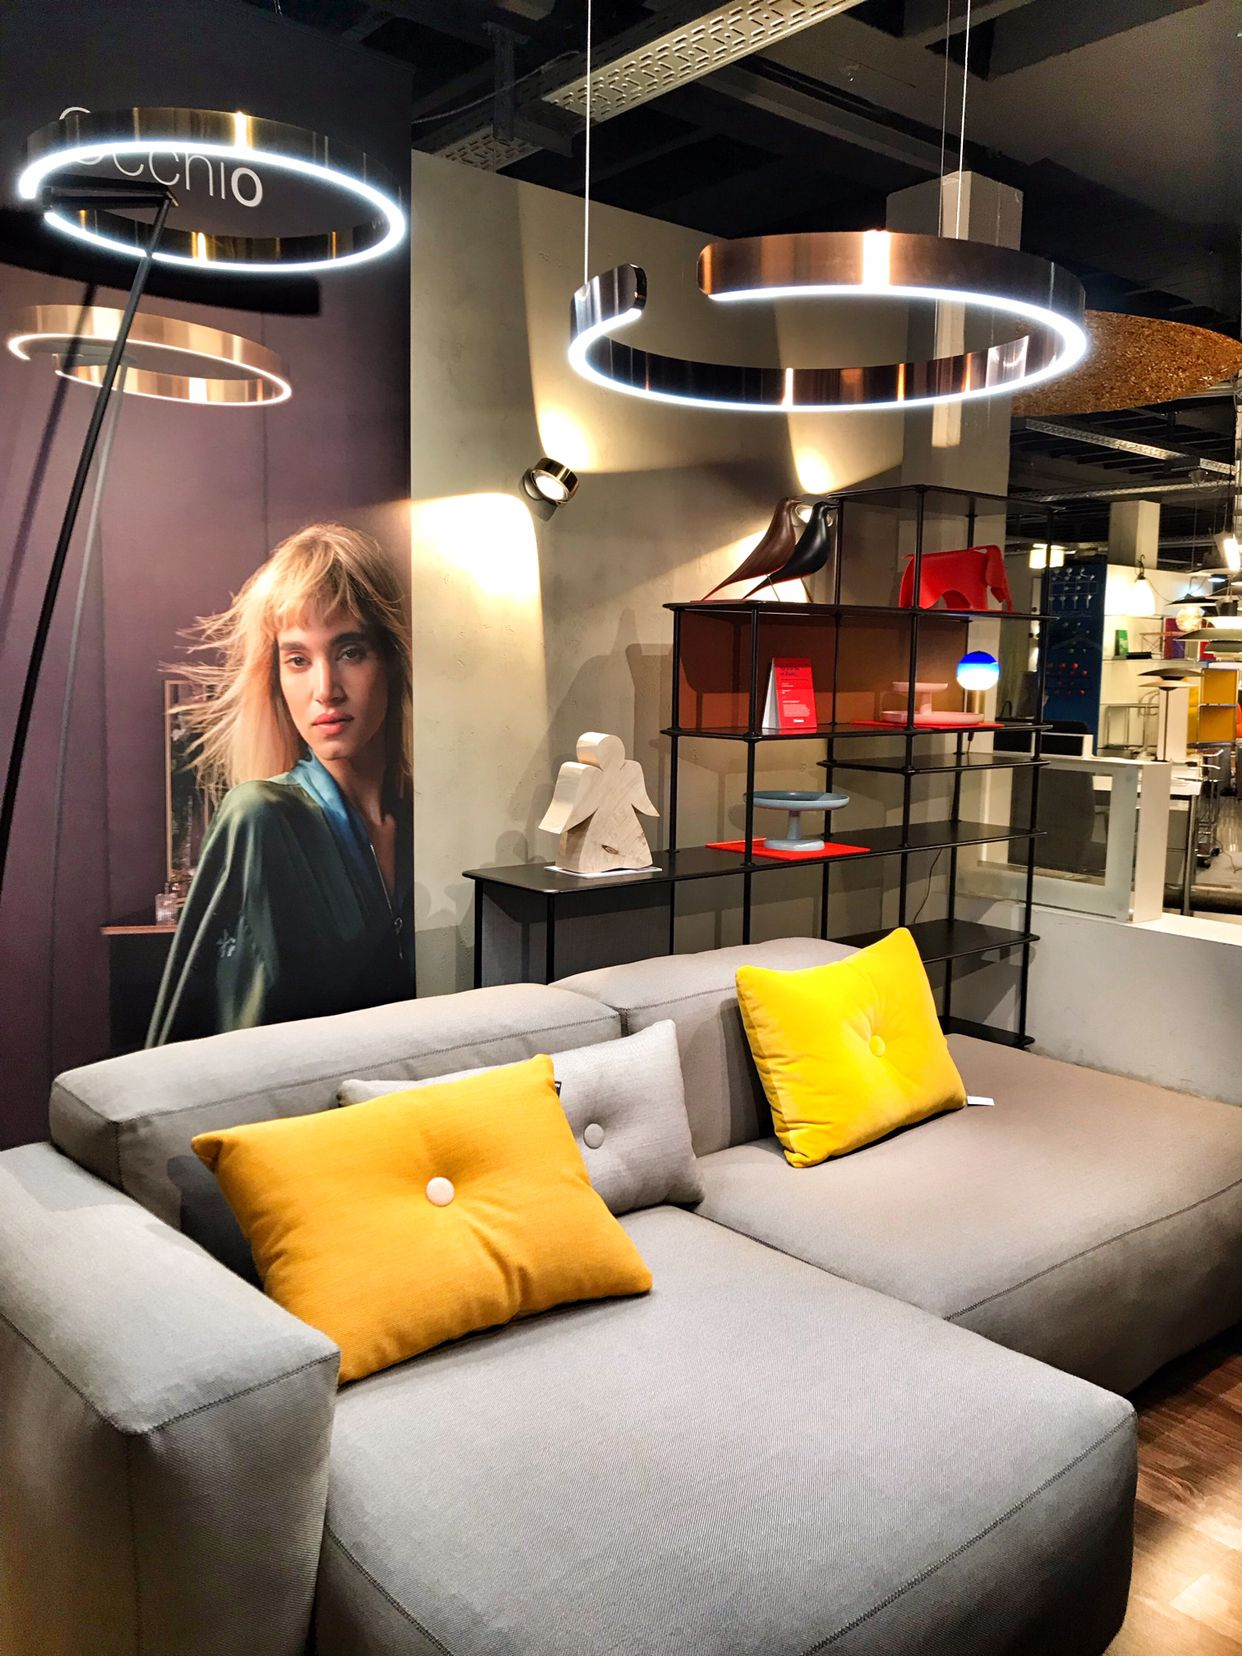 Occhio Mito Raggio in der Hecht Designfabrik